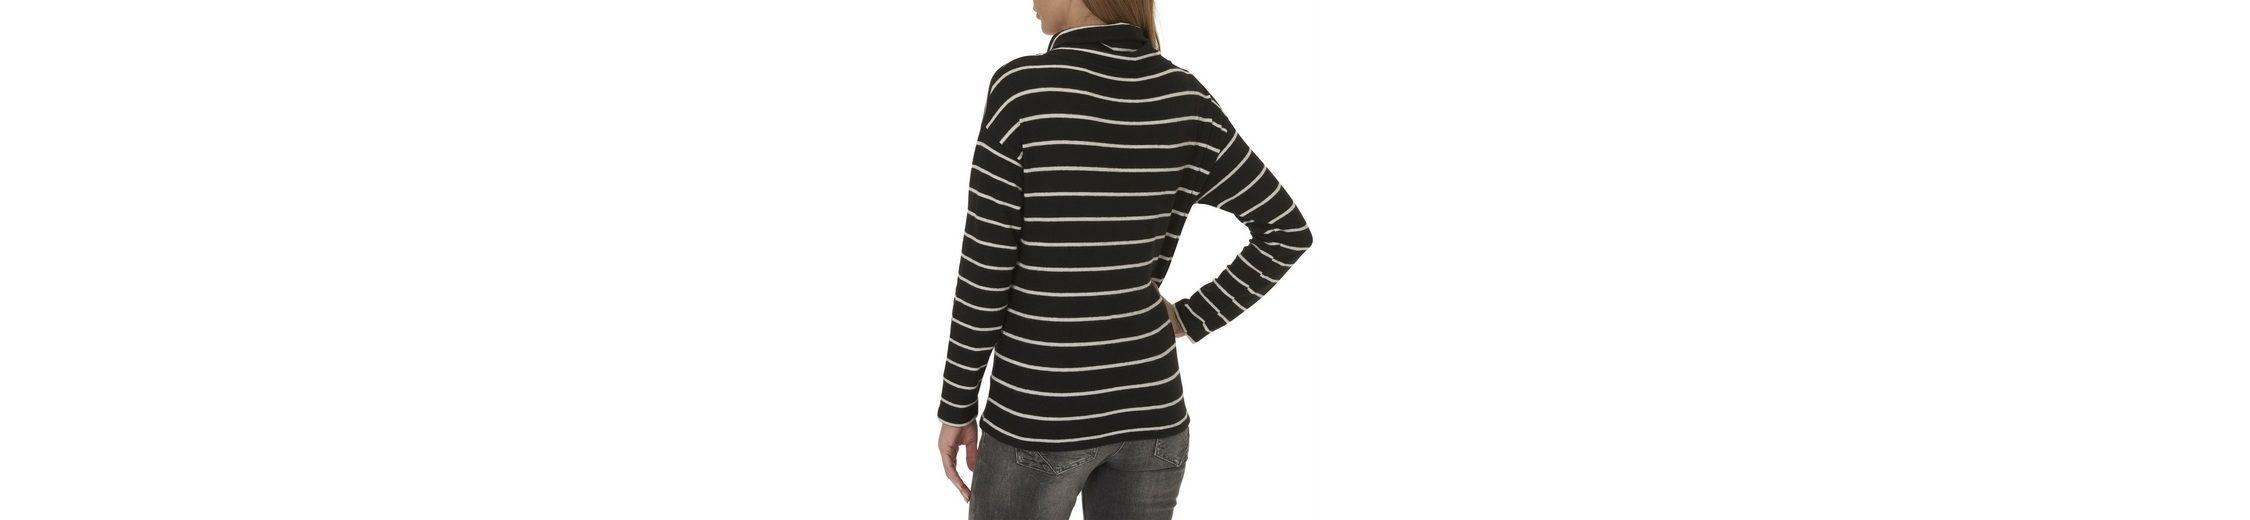 Erkunden Betty Barclay Sweatshirt mit Rollkragen Rabatt Nicekicks Verkauf Blick Kaufen Angebot Billig Einkaufen Fabrikpreis BO7P3Th